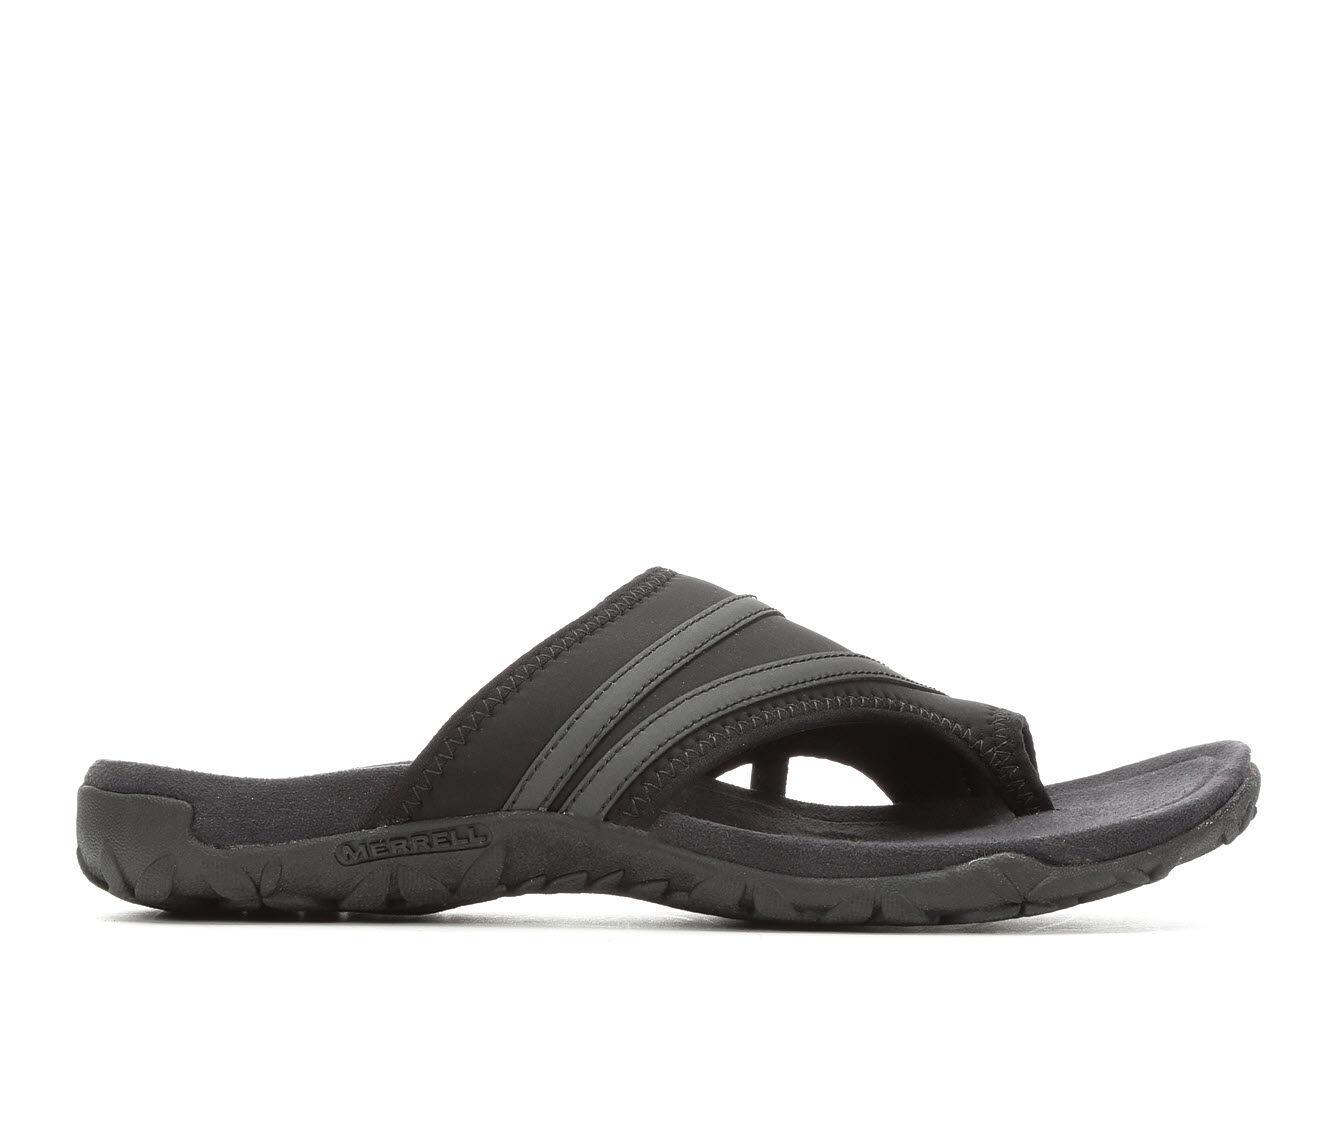 Women's Merrell Terran Ari Wrap Sandals Black